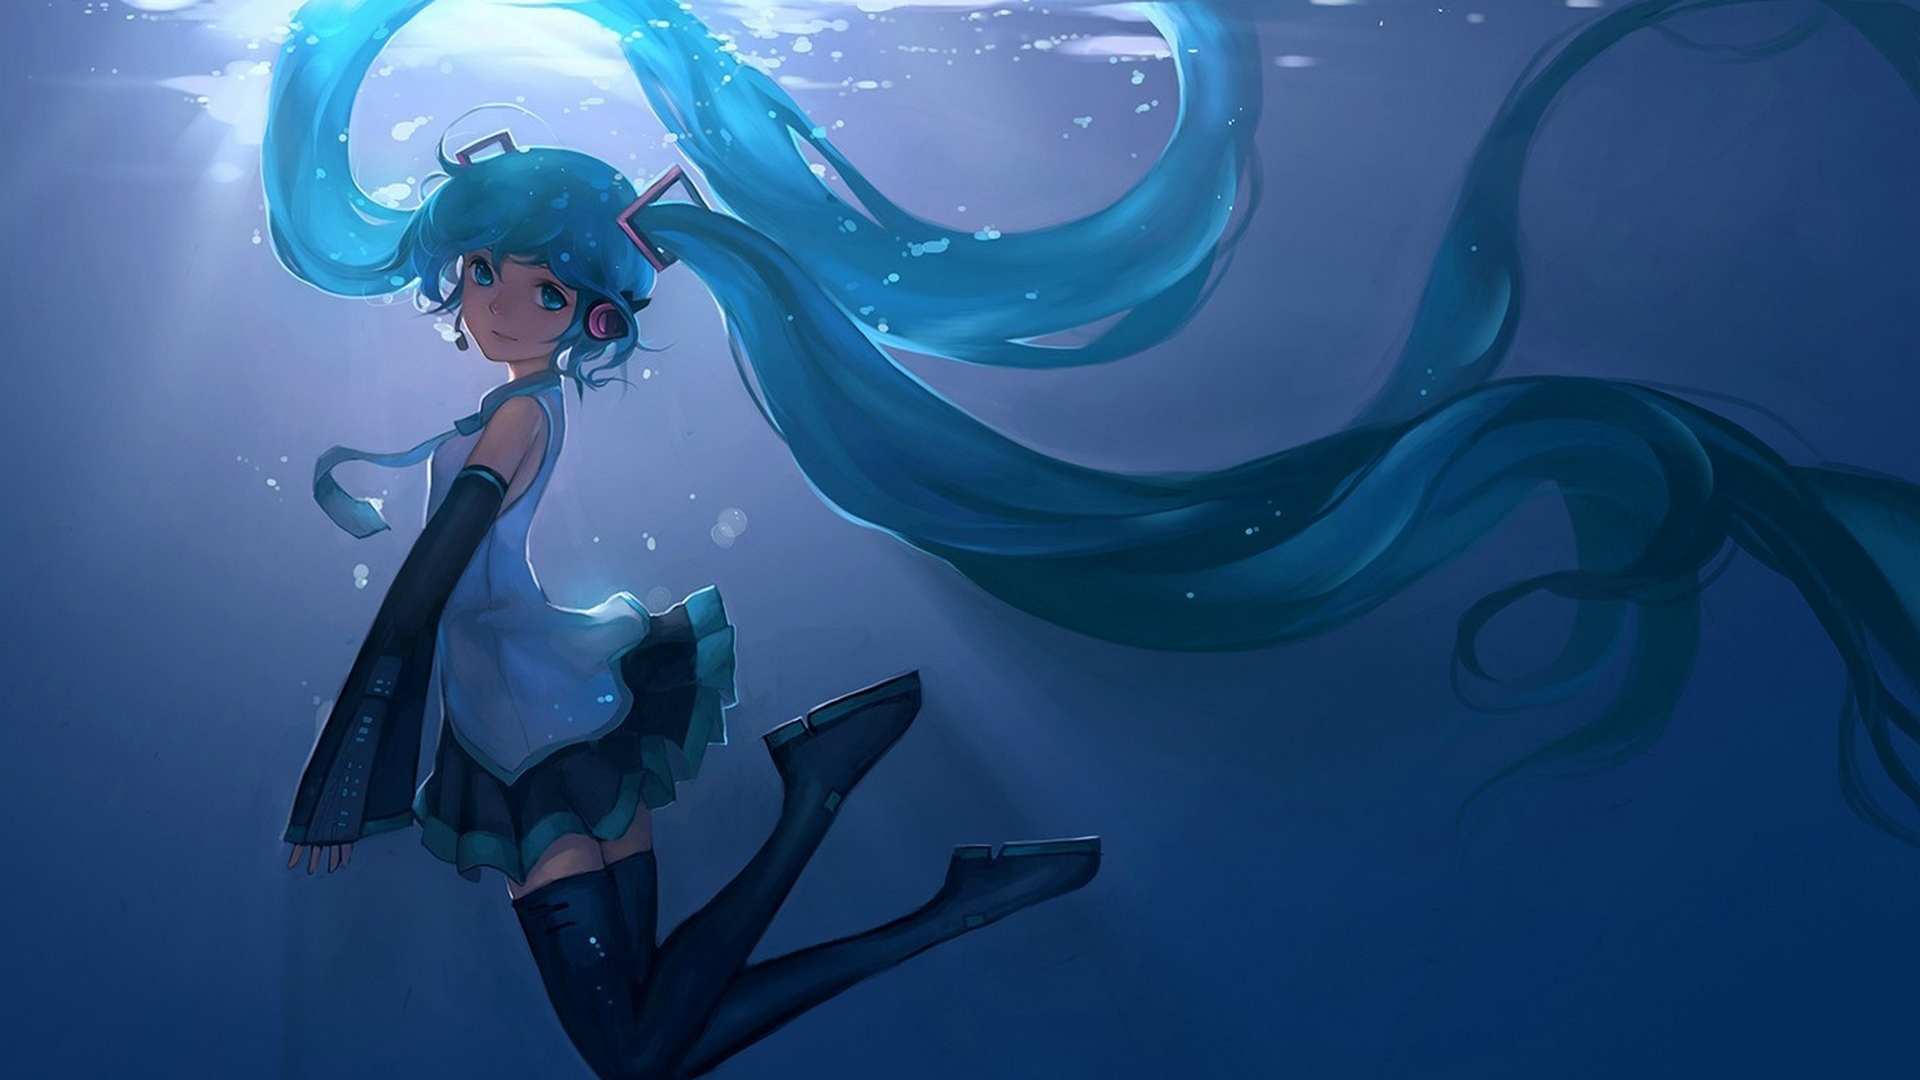 Hatsune Miku Anime Girl Underwater Animated Wallpaper